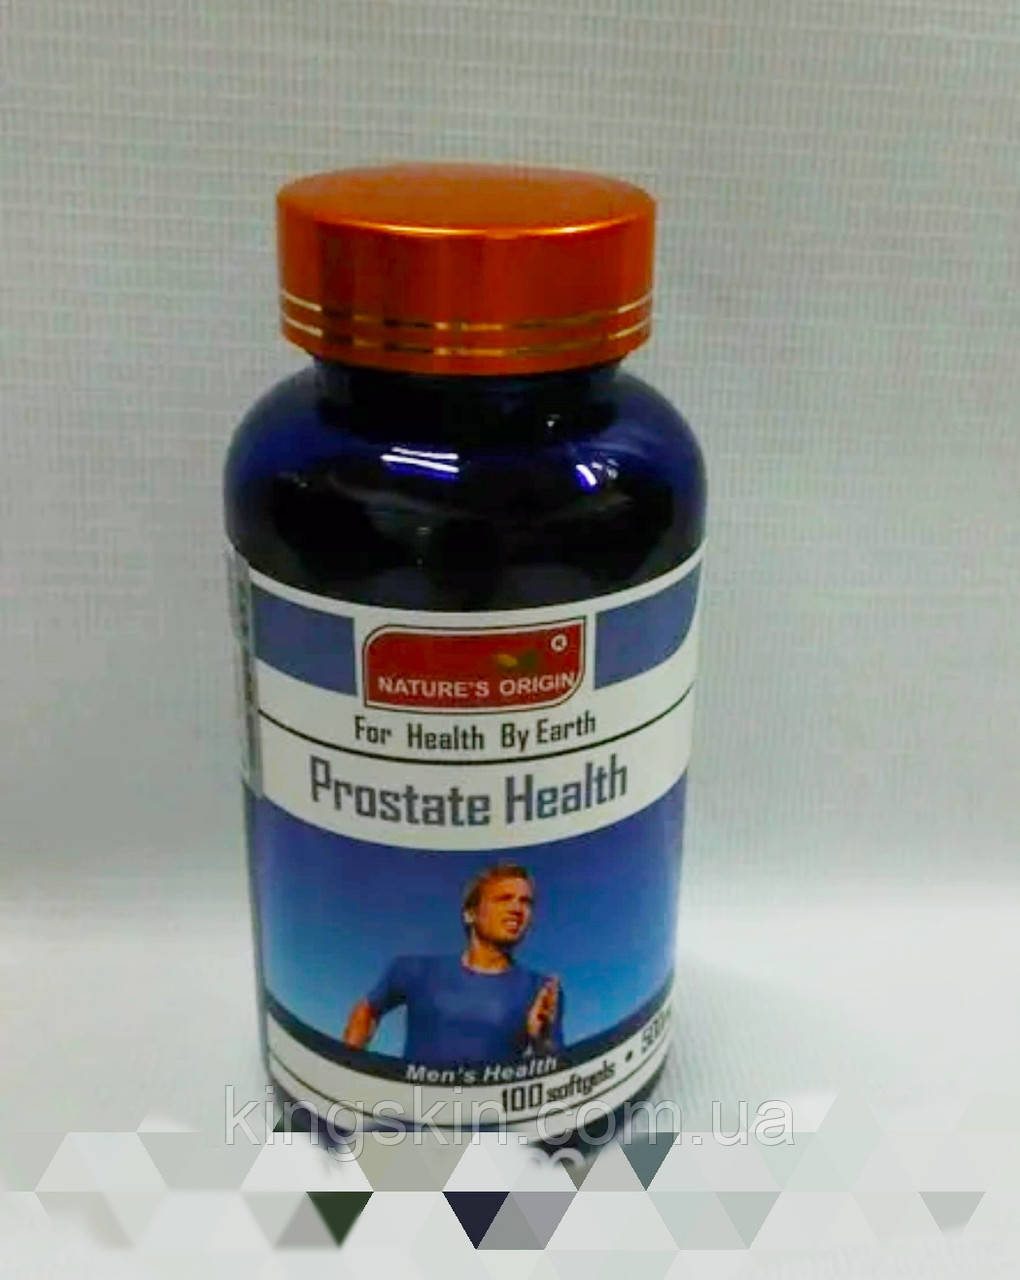 Купить Жидкие капсулы Prostate Health (Здоровая простата) - от простатита